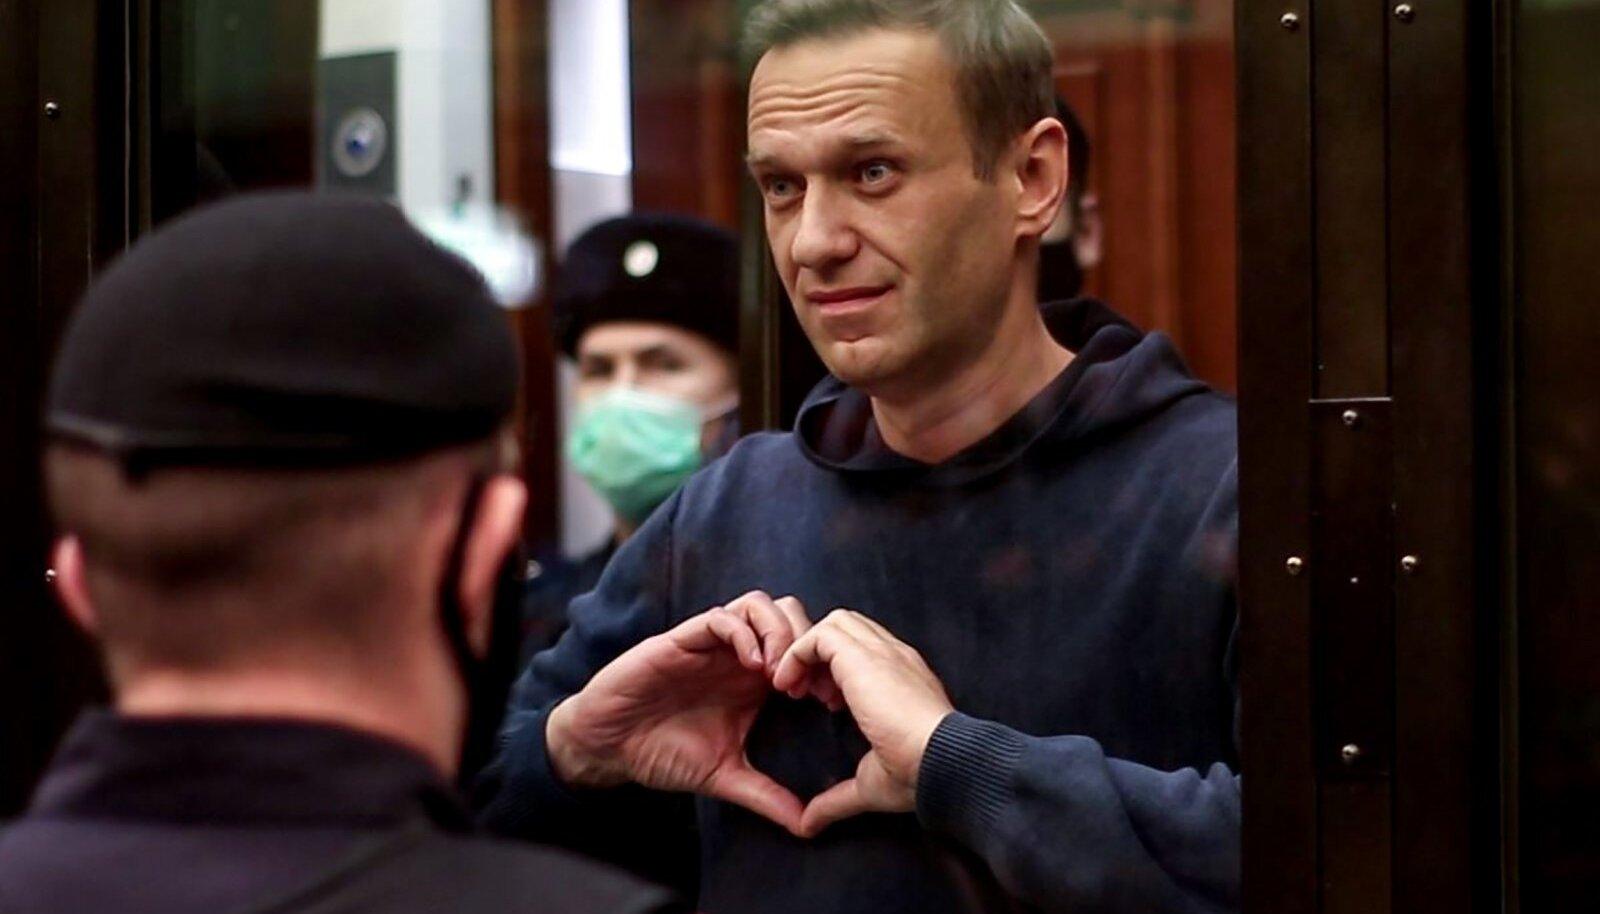 Venemaa tuntuim opositsioonipoliitik Aleksei Navalnõi pole pärast jaanuarikuist Venemaale naasmist trellide tagant välja saanud. Teda on juba korduvalt ka toodud kohtusaali.